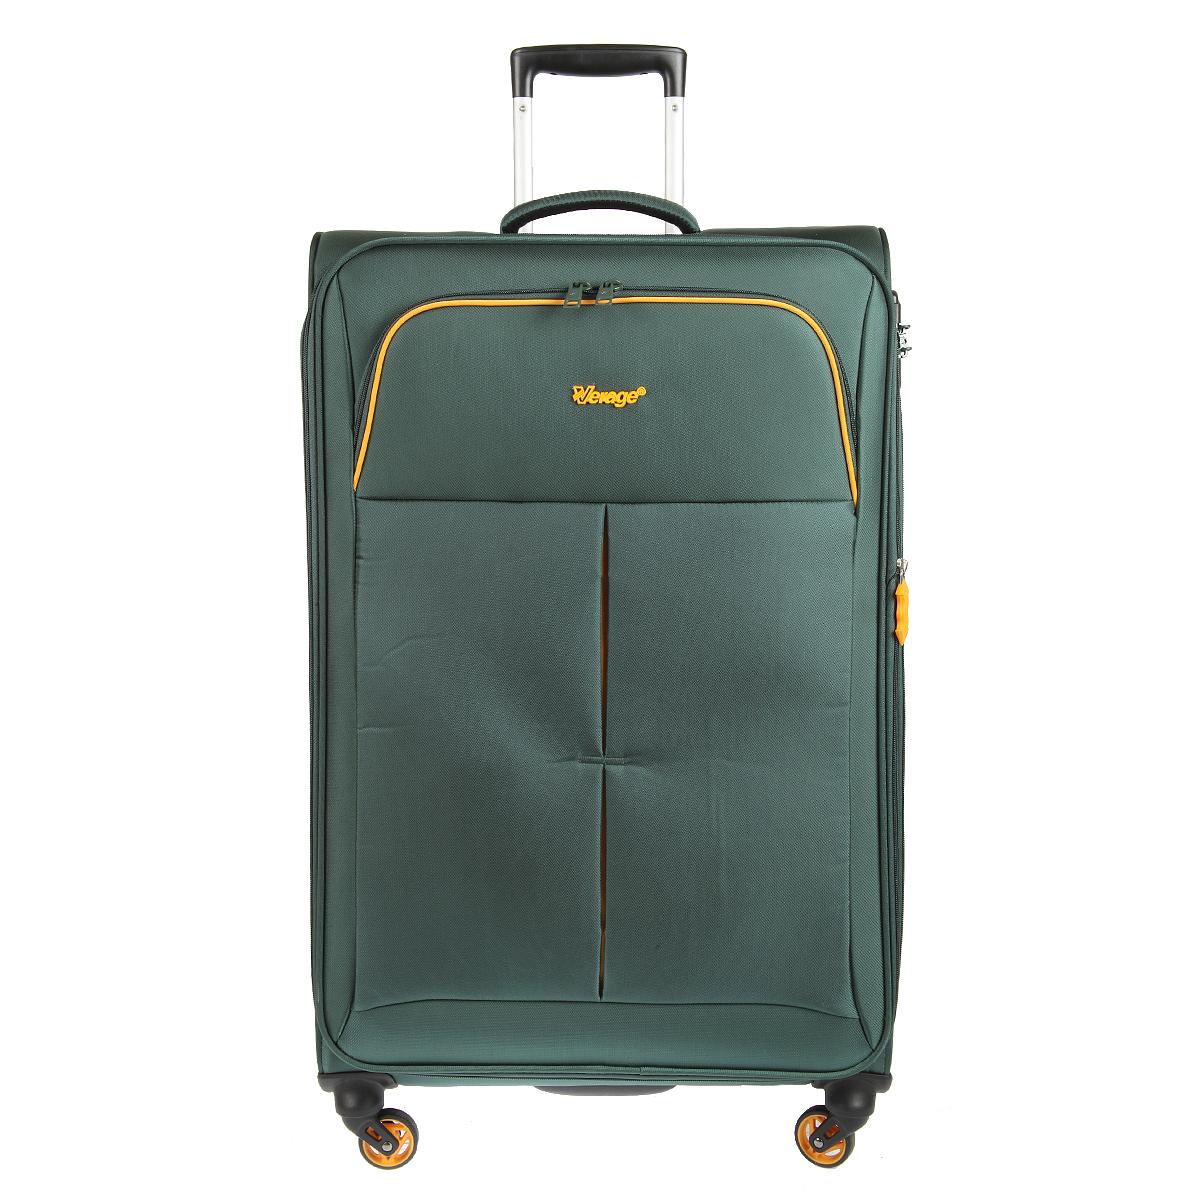 Чемодан-тележка Verage, цвет: темно-зеленый, 95 л. GM14040w 28GM14040w 28 dark greenЧемодан-тележка Verage оснащен четырьмя колесиками 360°, верхней мягкой ручкой. Закрывается по периметру на двухстороннюю молнию. Сбоку и сверху расположены ручки, обеспечивающие удобство транспортировки. Внутри один отдел для одежды и один сетчатый карман на молнии. Снаружи на передней стенке карман на молнии. Возможность увеличения чемодана на 20% (за счет молнии). Встроенный кодовый замок с функцией TSA. Также имеется выдвижная ручка, максимальная высота 37 см.